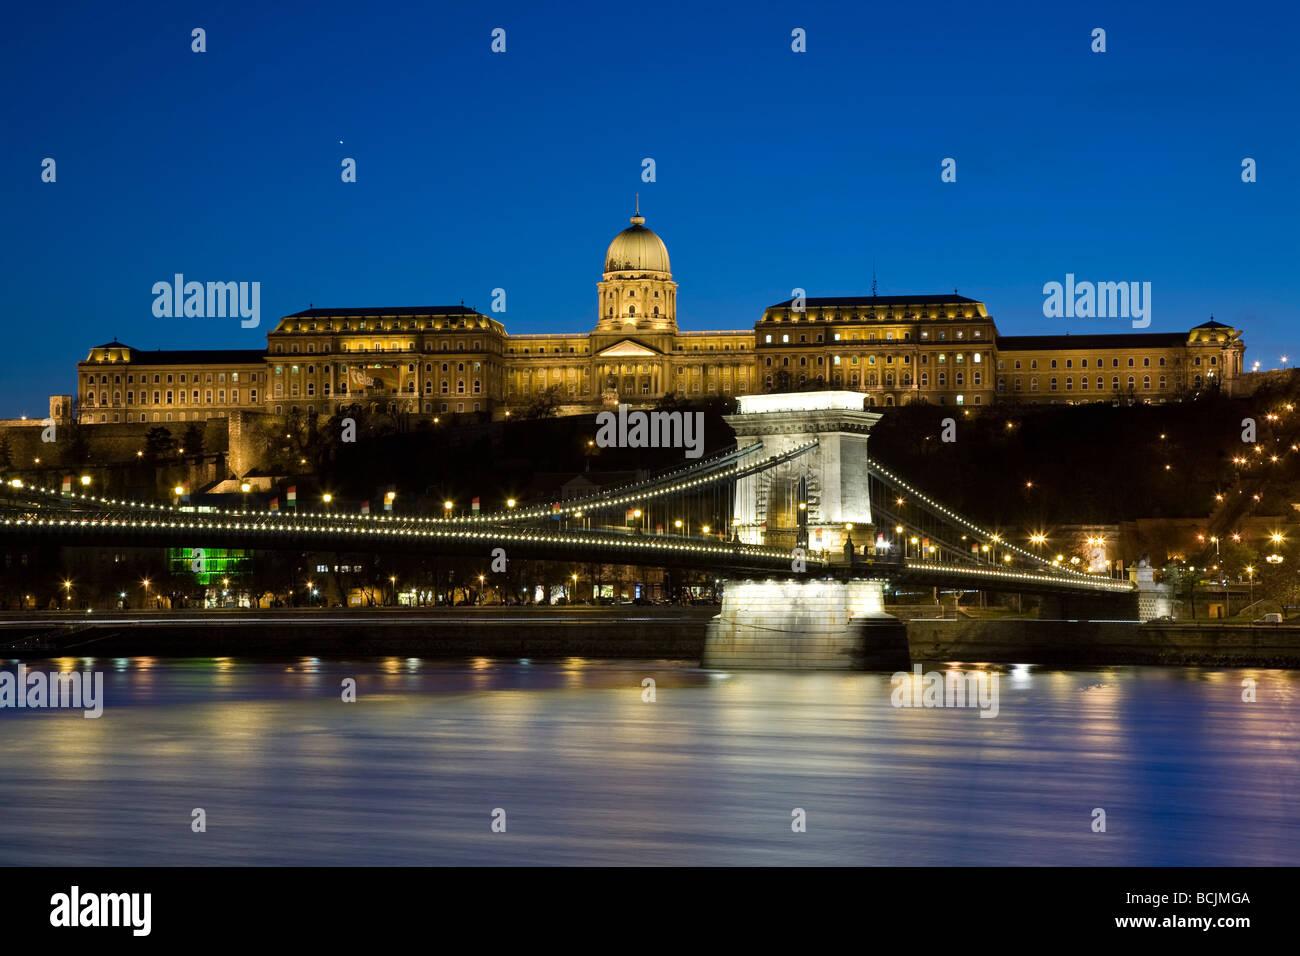 Kettenbrücke & Königspalast am Burgberg, Budapest, Ungarn, RF Stockbild